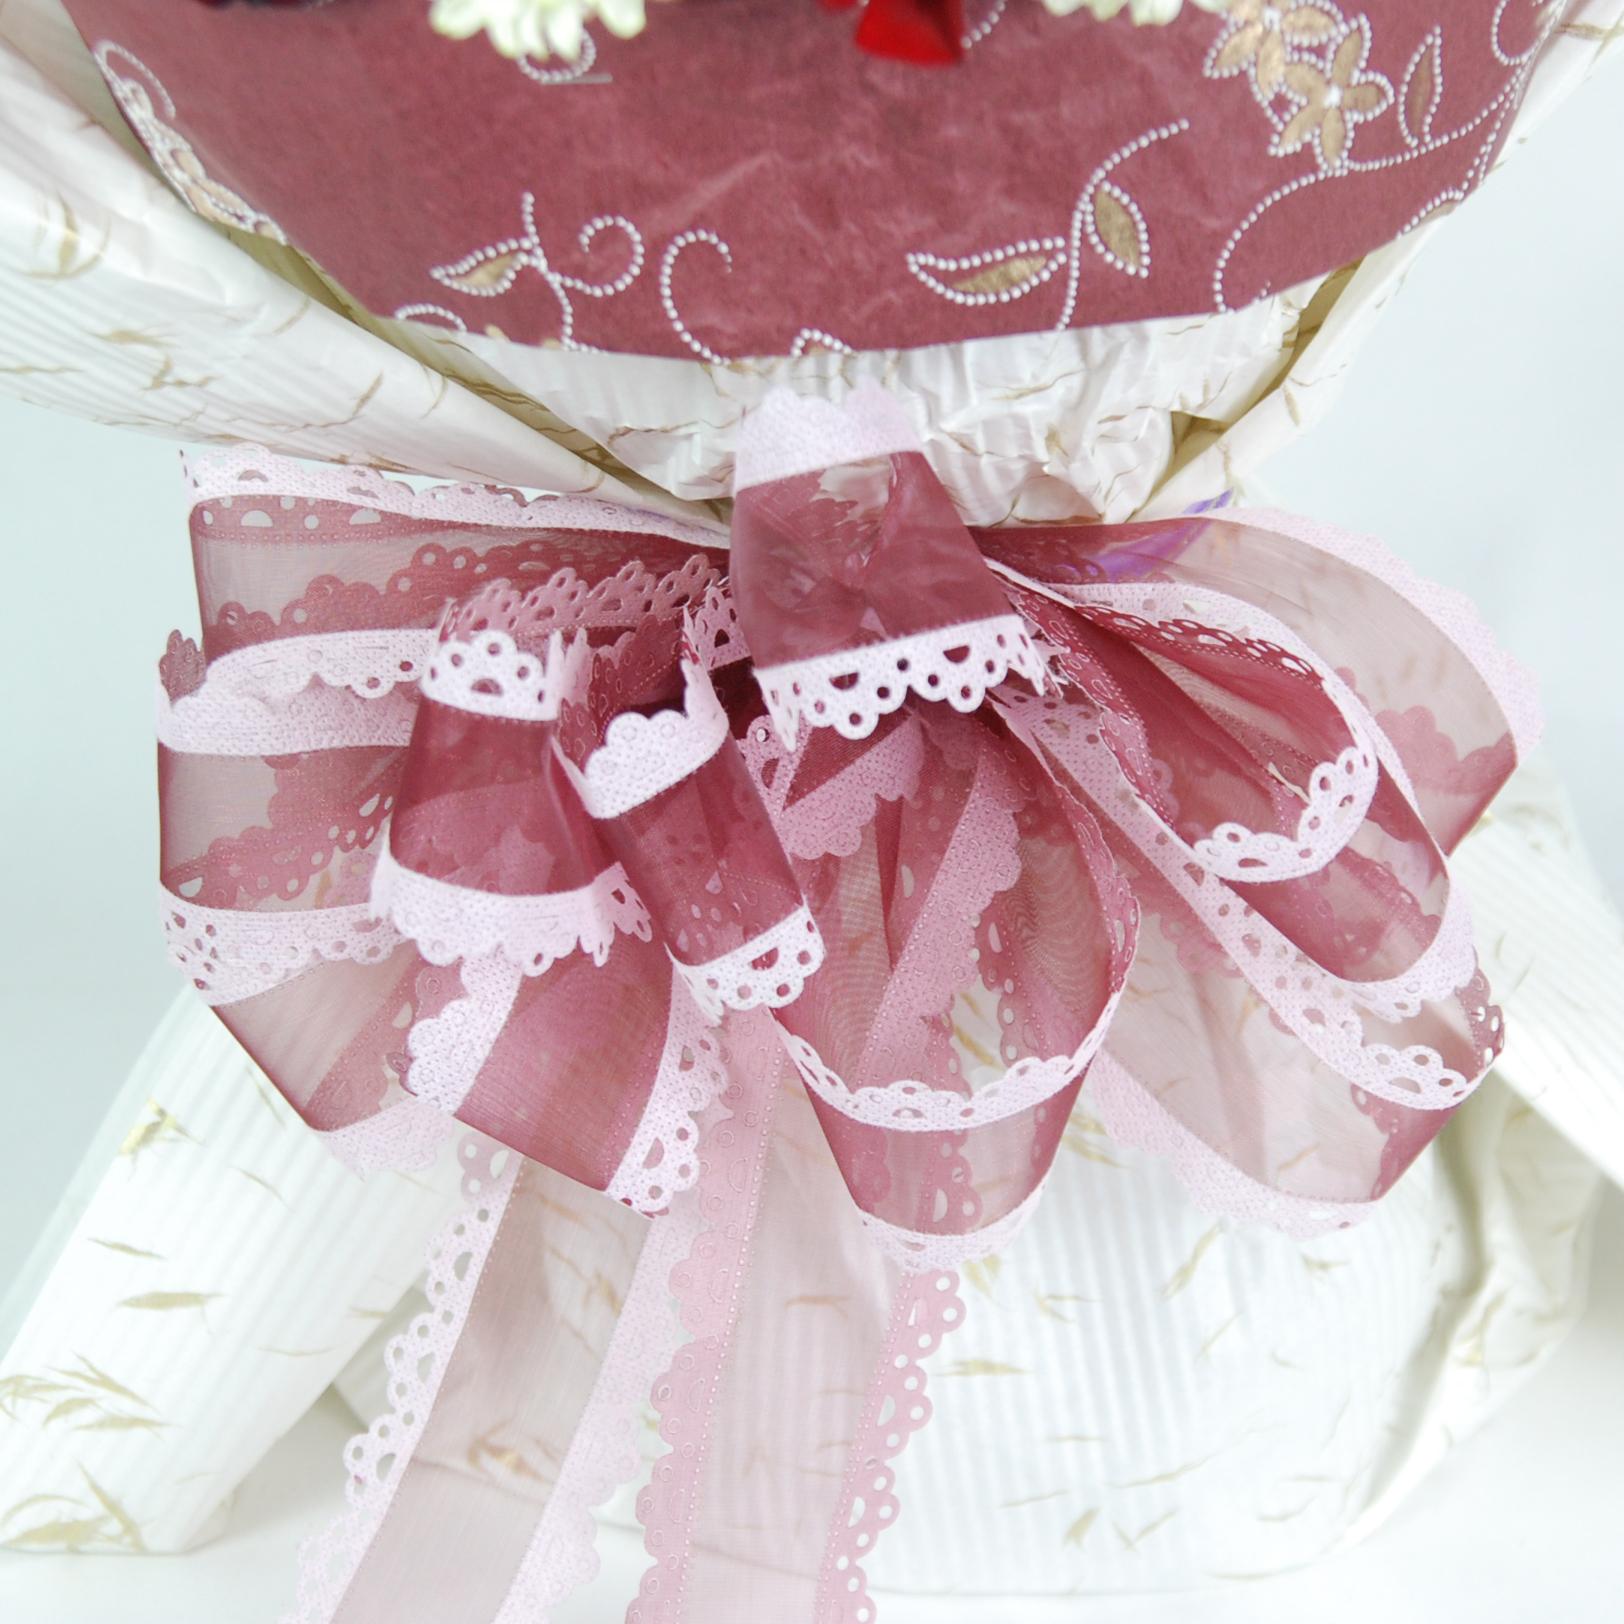 【巧繪網-FR050081無與倫比】=33朵艷麗紅玫瑰+當季新鮮花材=傳情花束/網路花店